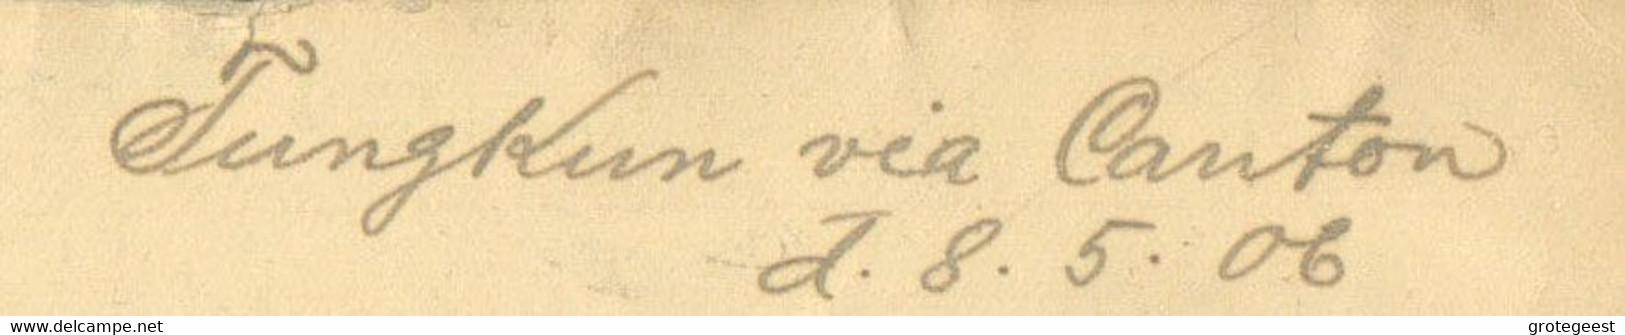 E.P. 1c. + Tp 1c. + 2c. Obl; Chinoise En Provenance De TUNGKUN (DONGGUAN) Le 28-5-1906 Vers Asslar (DE) + Cachet De CANT - Briefe U. Dokumente